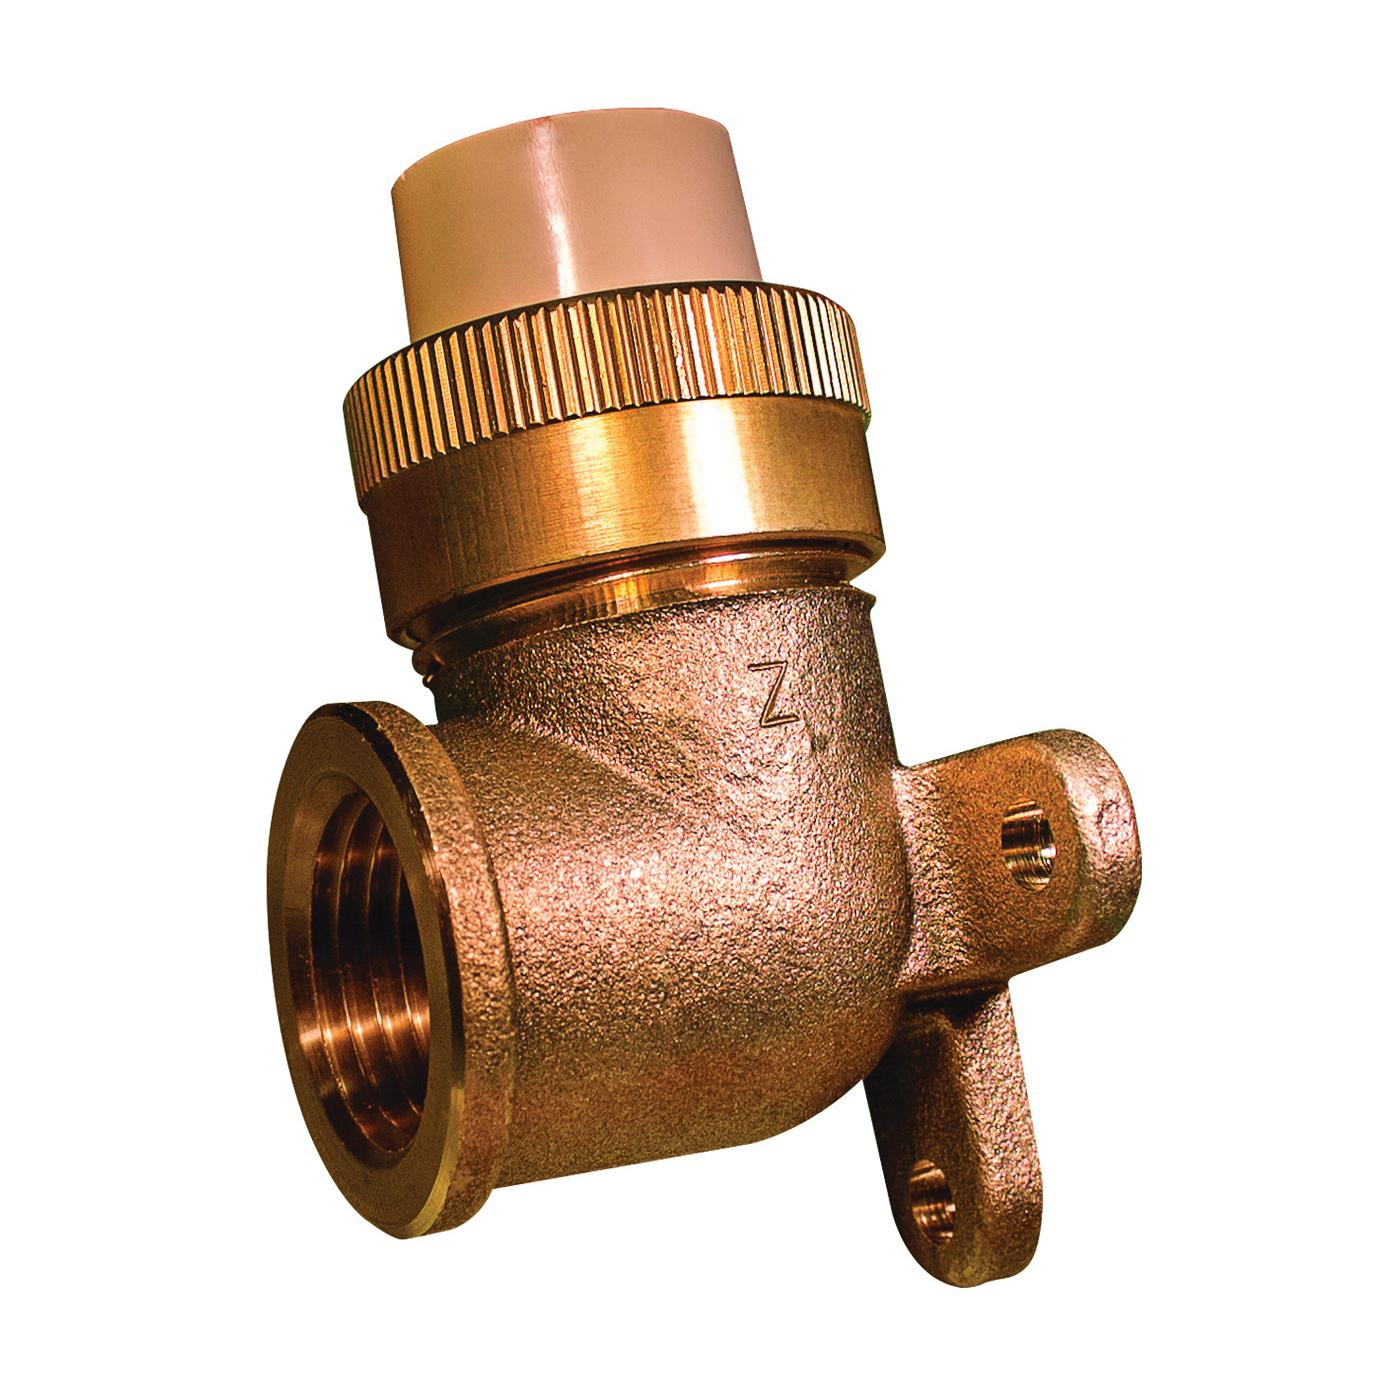 Picture of GENOVA 500 53071Z Pipe Elbow, 1/2 in, Slip-Joint x FIP, 90 deg Angle, CPVC, 400 psi Pressure